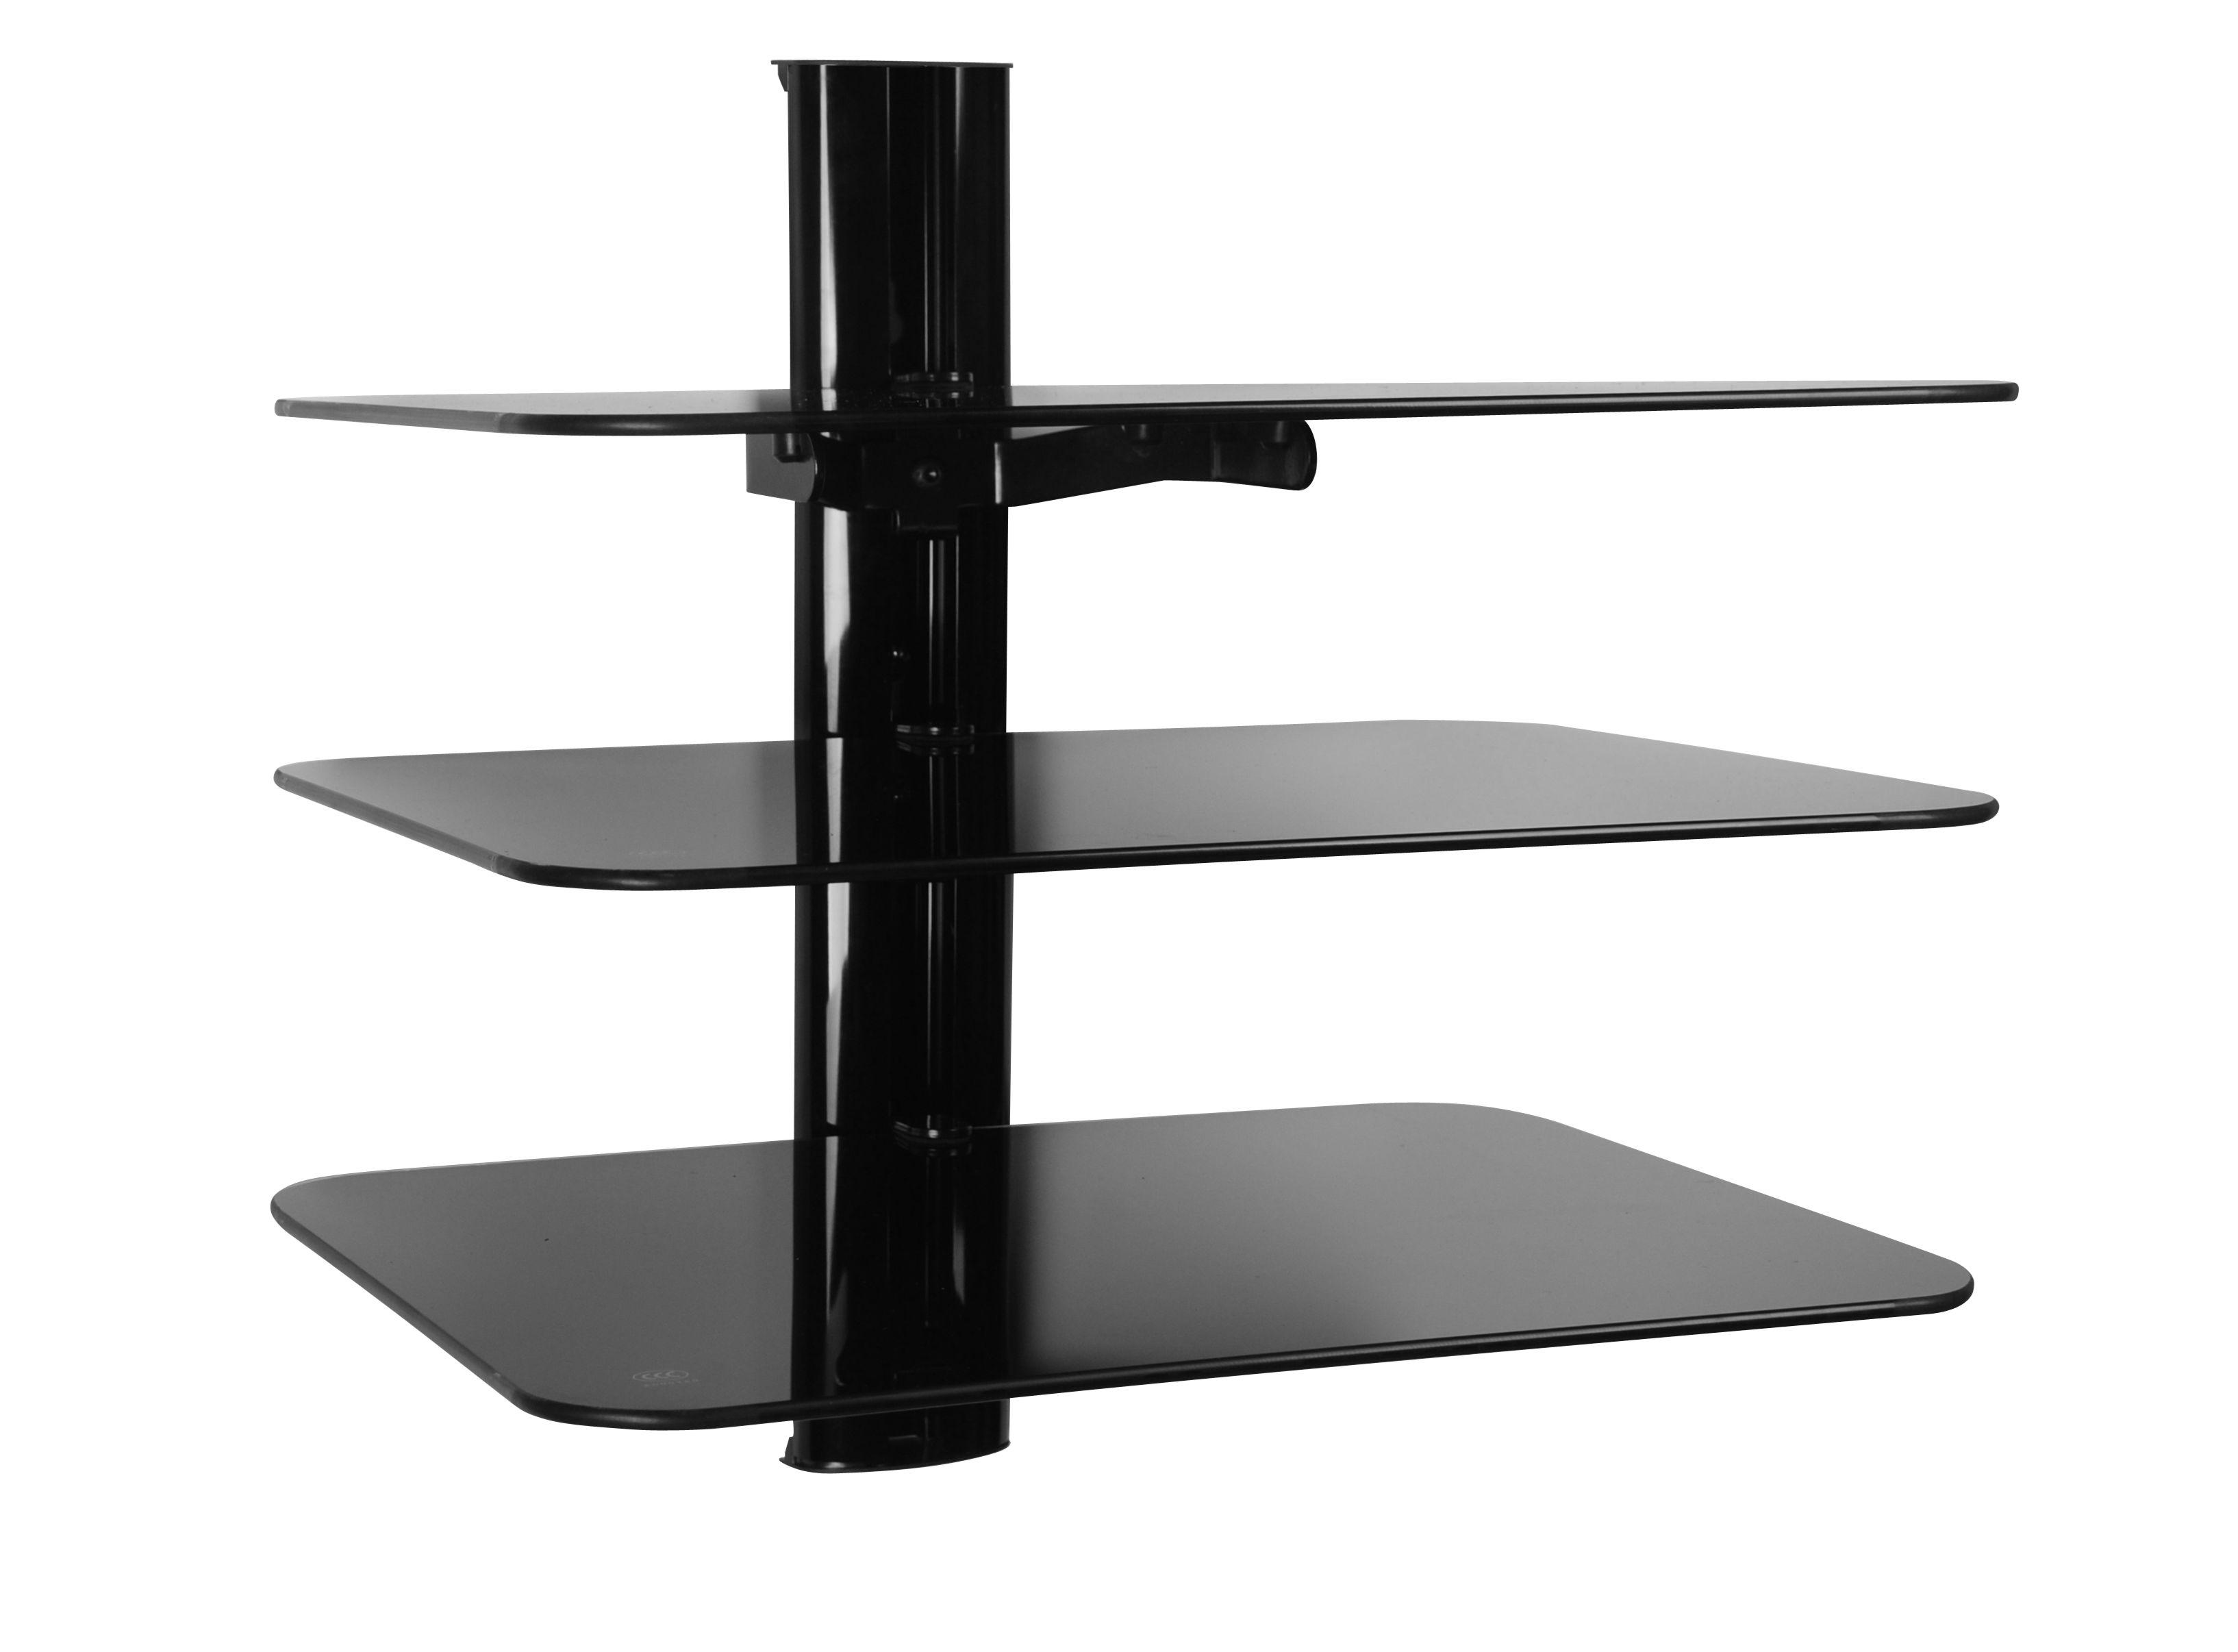 Triple Glass Av Shelving System Regarding Floating Black Glass Shelf (View 11 of 12)